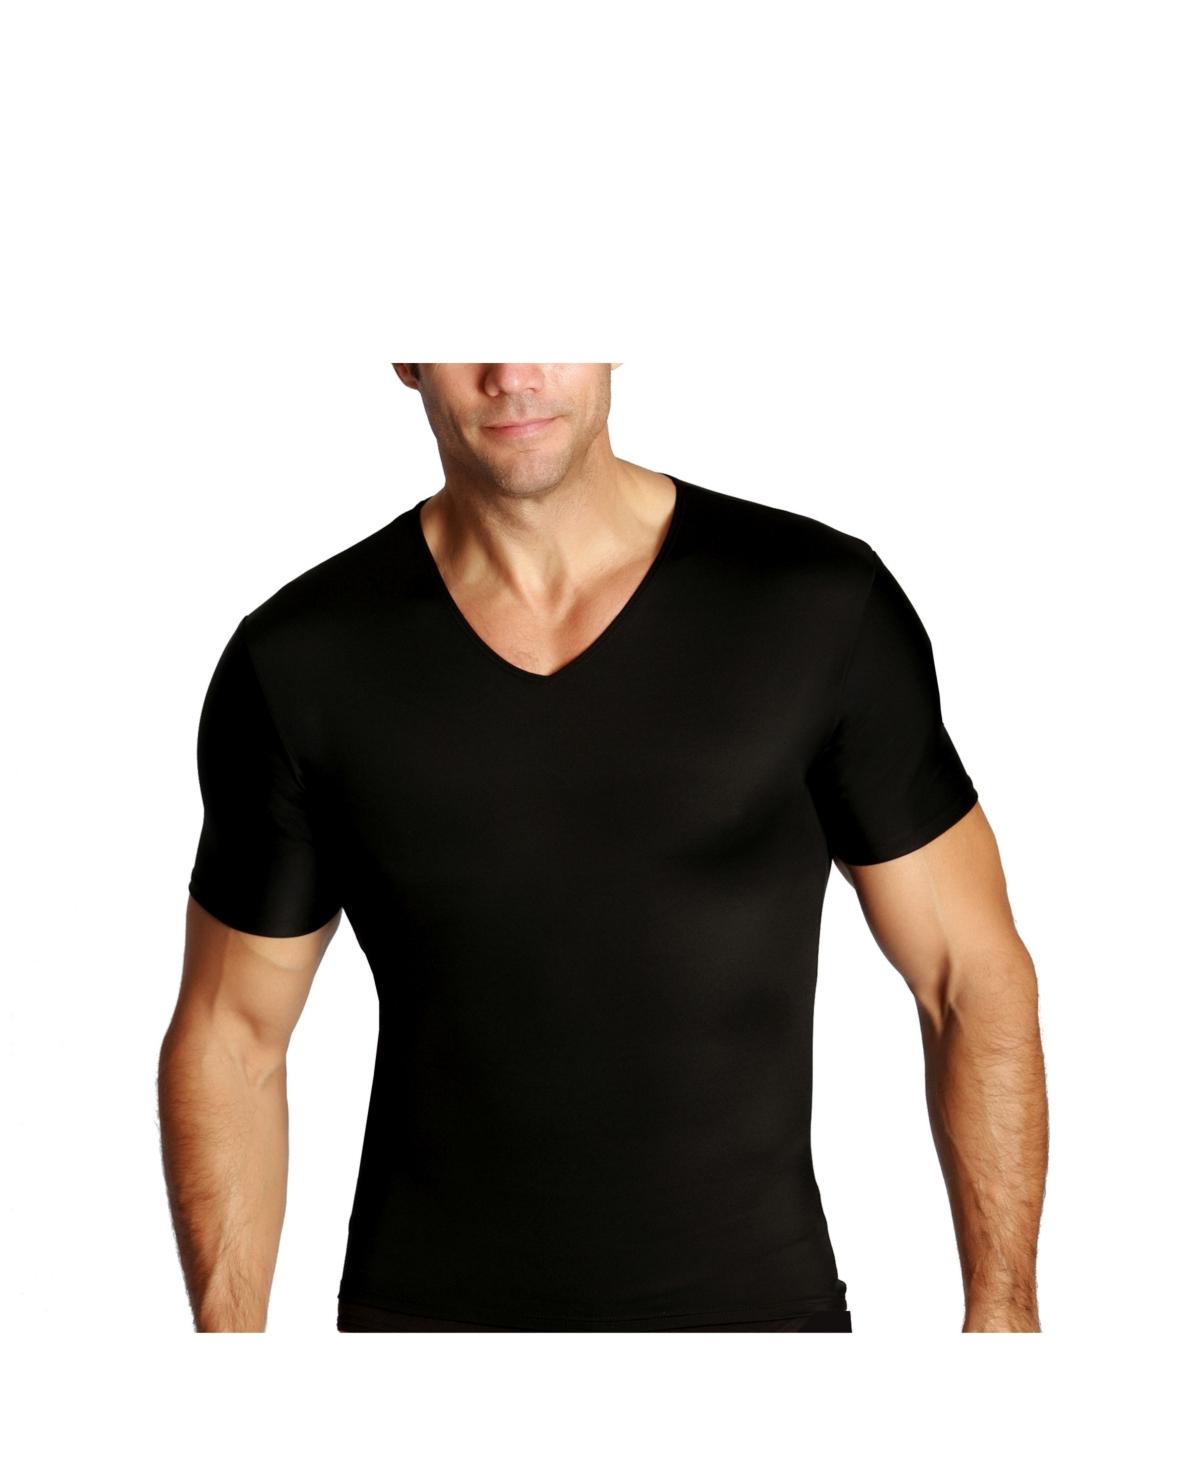 Insta Slim Men's Compression Short Sleeve V-Neck T-Shirt